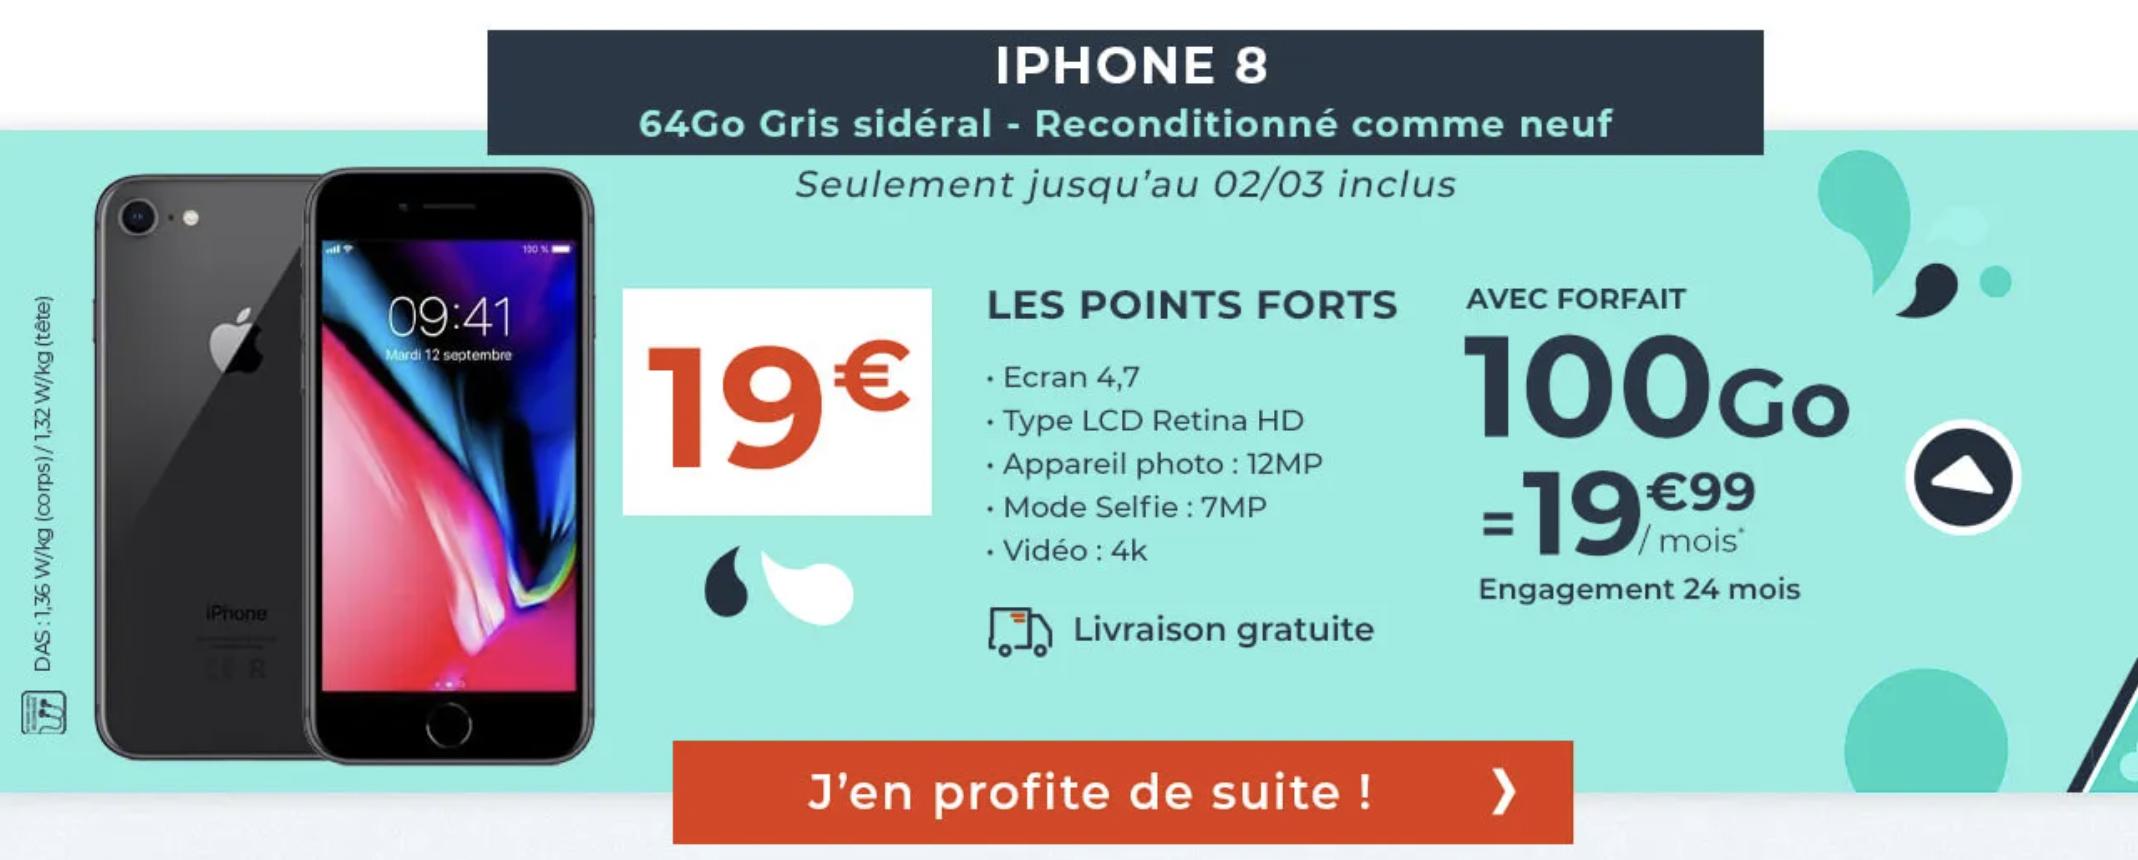 détails de la promo iPhone 8